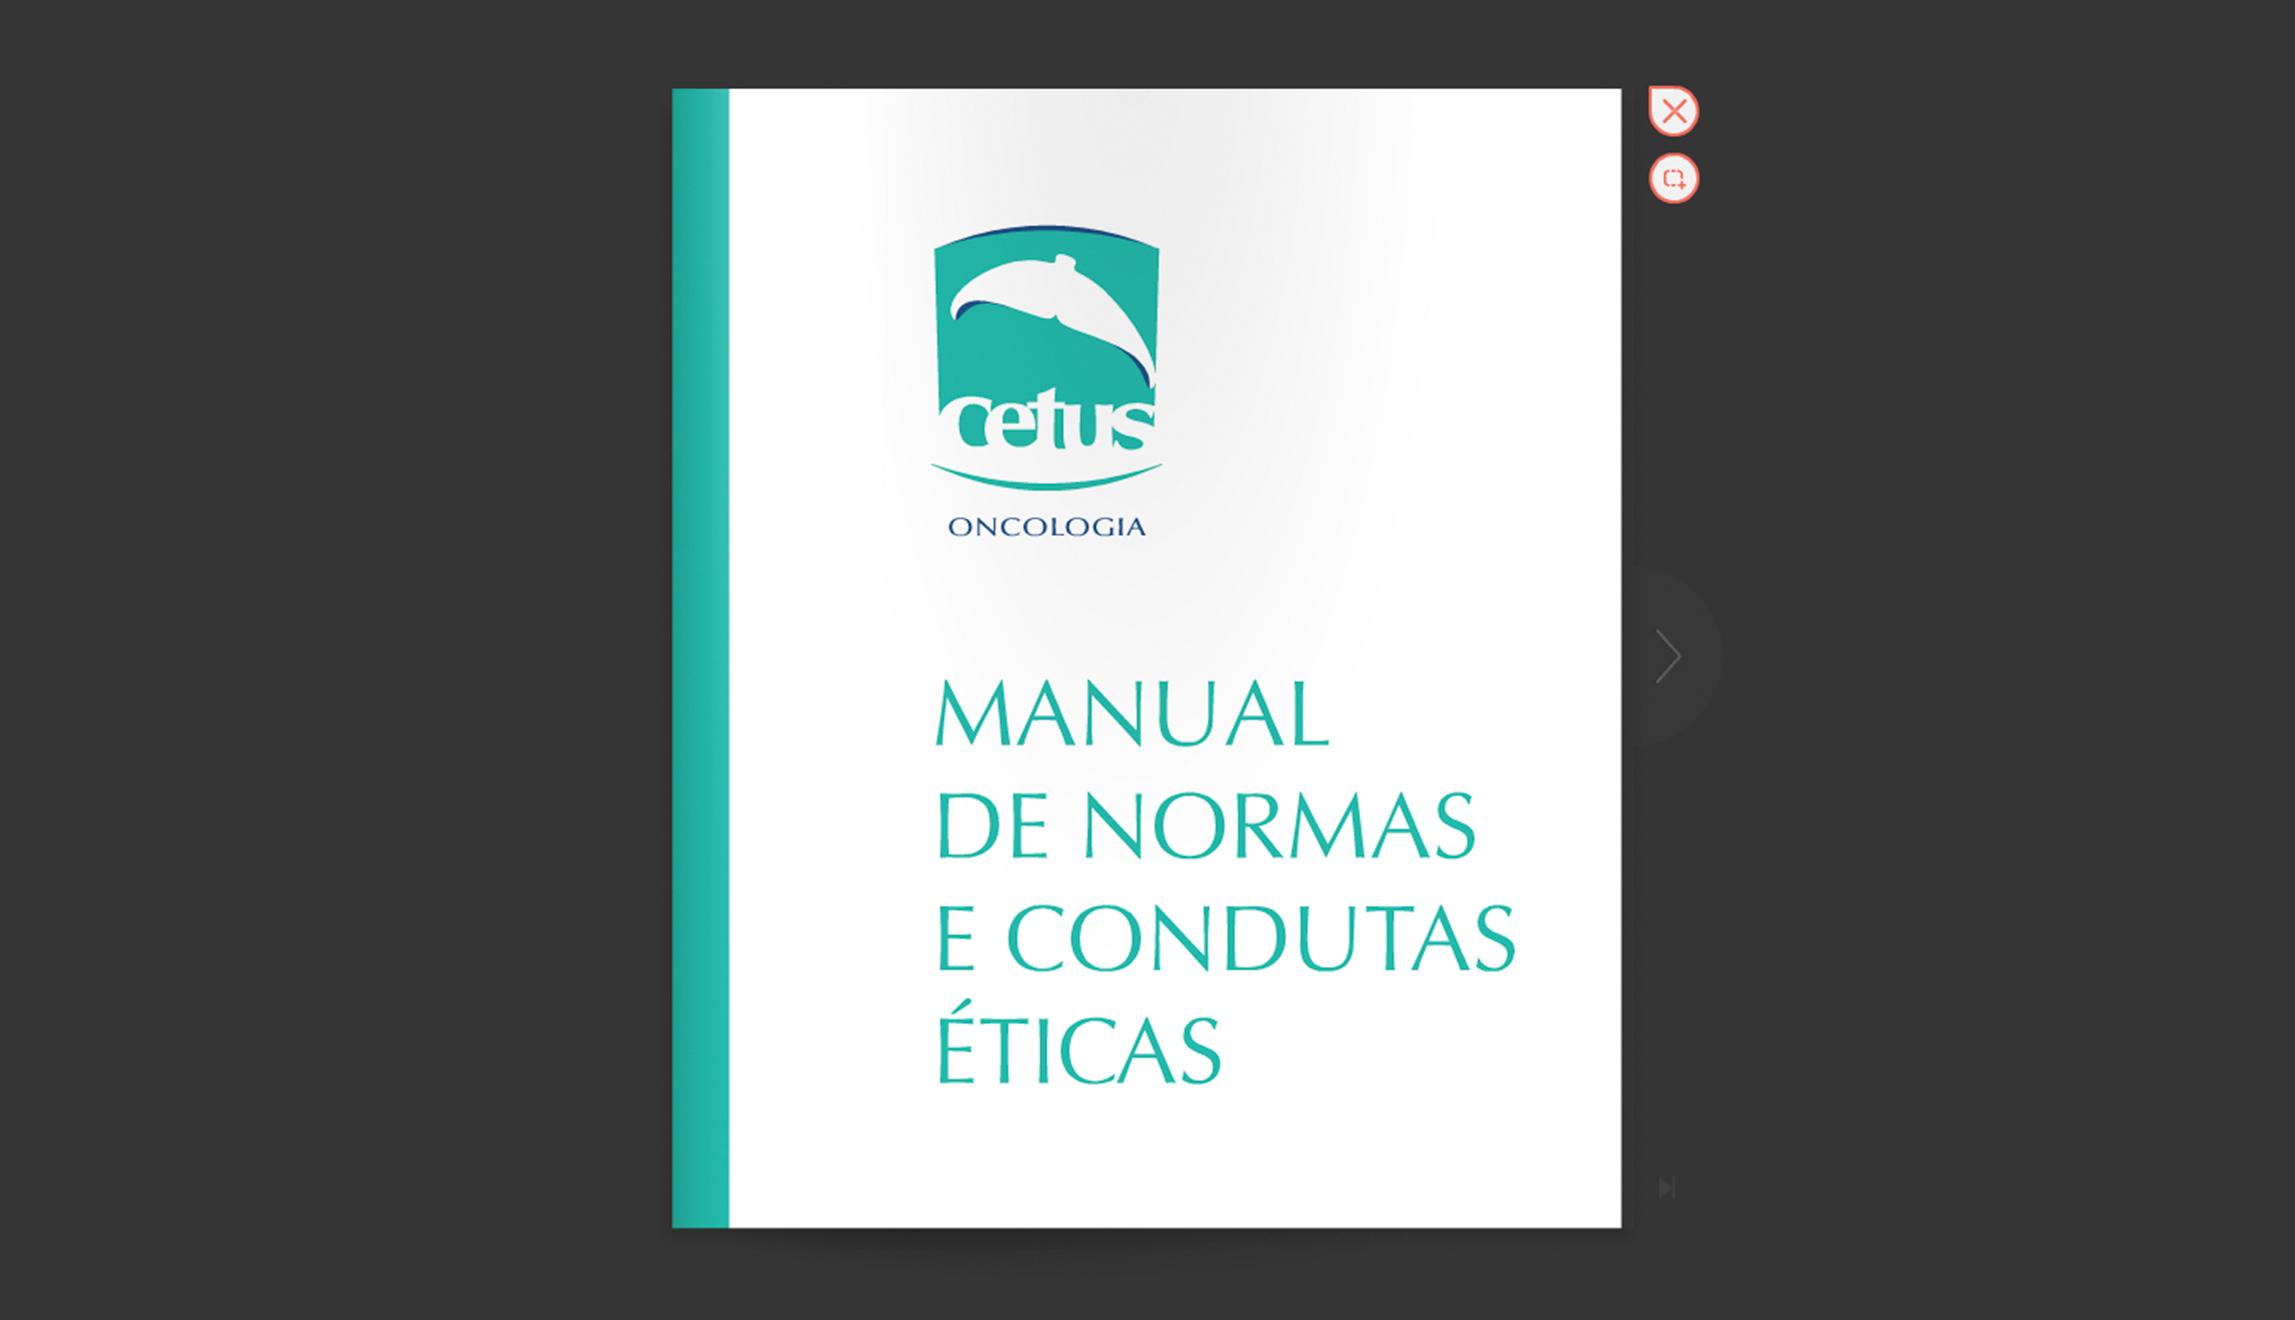 Manual-Madepal-Cetus-1